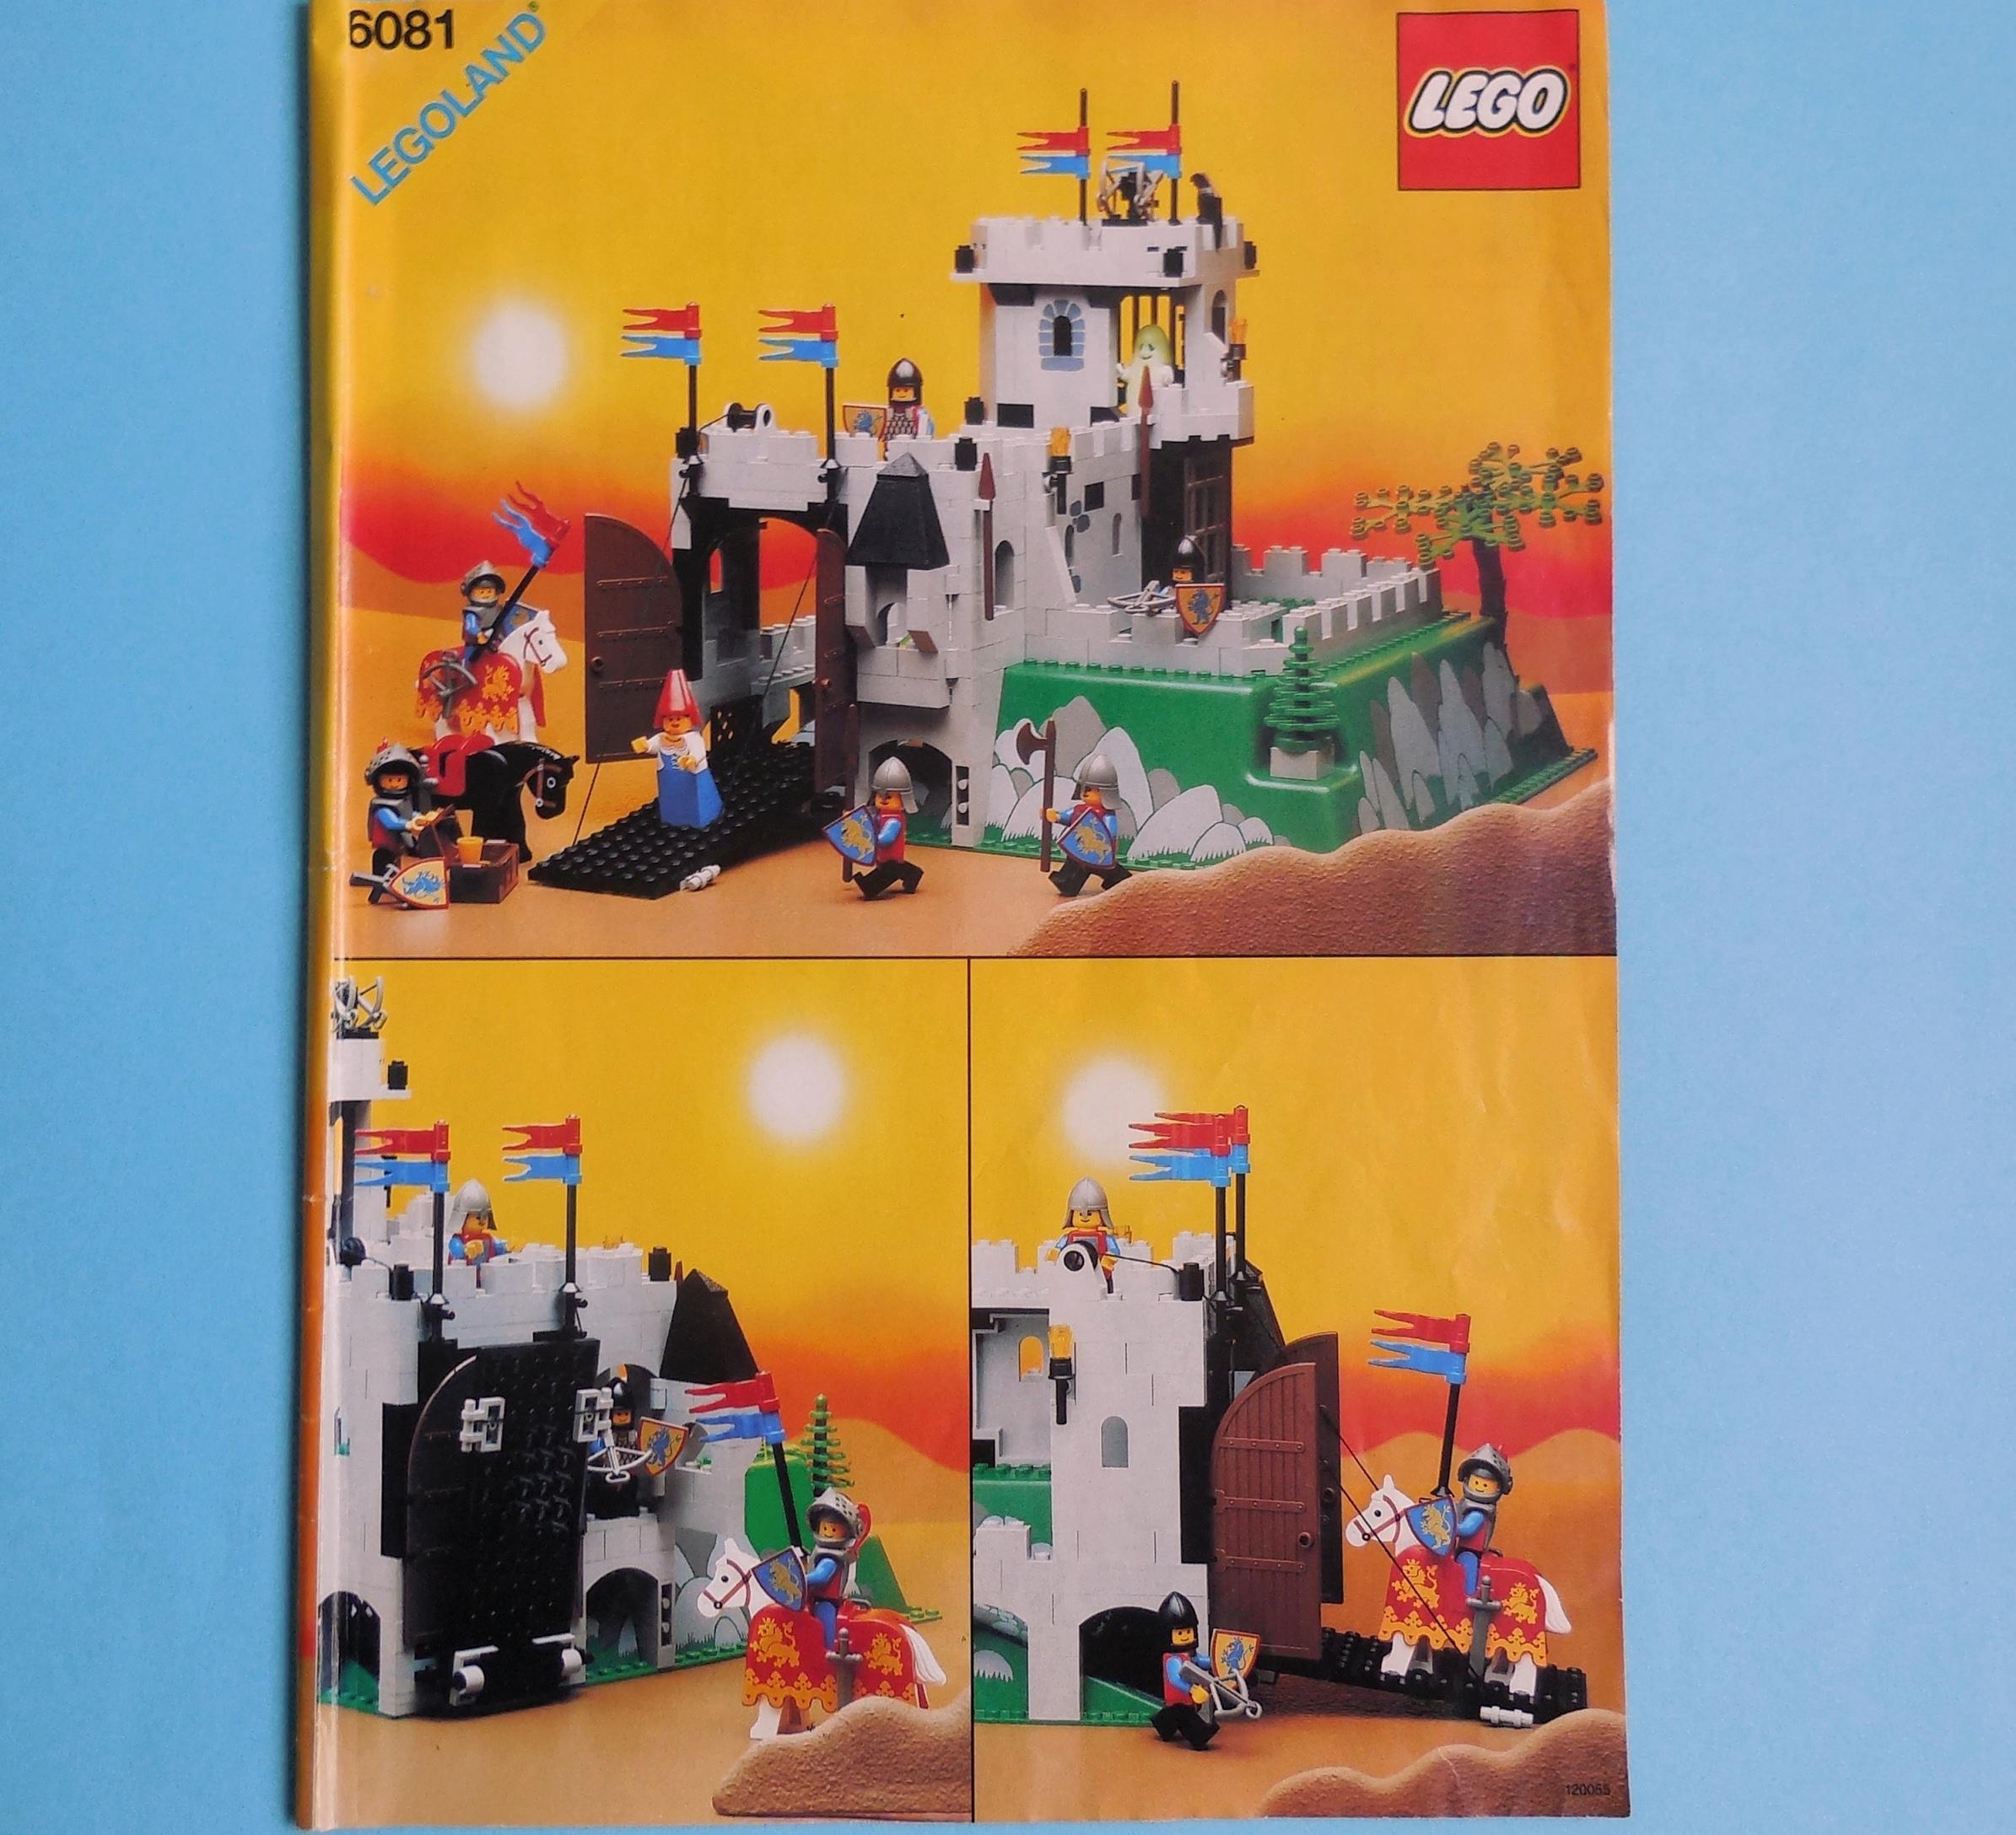 Recenzja Lego 6081 Kings Mountain Fortress Legos Soul